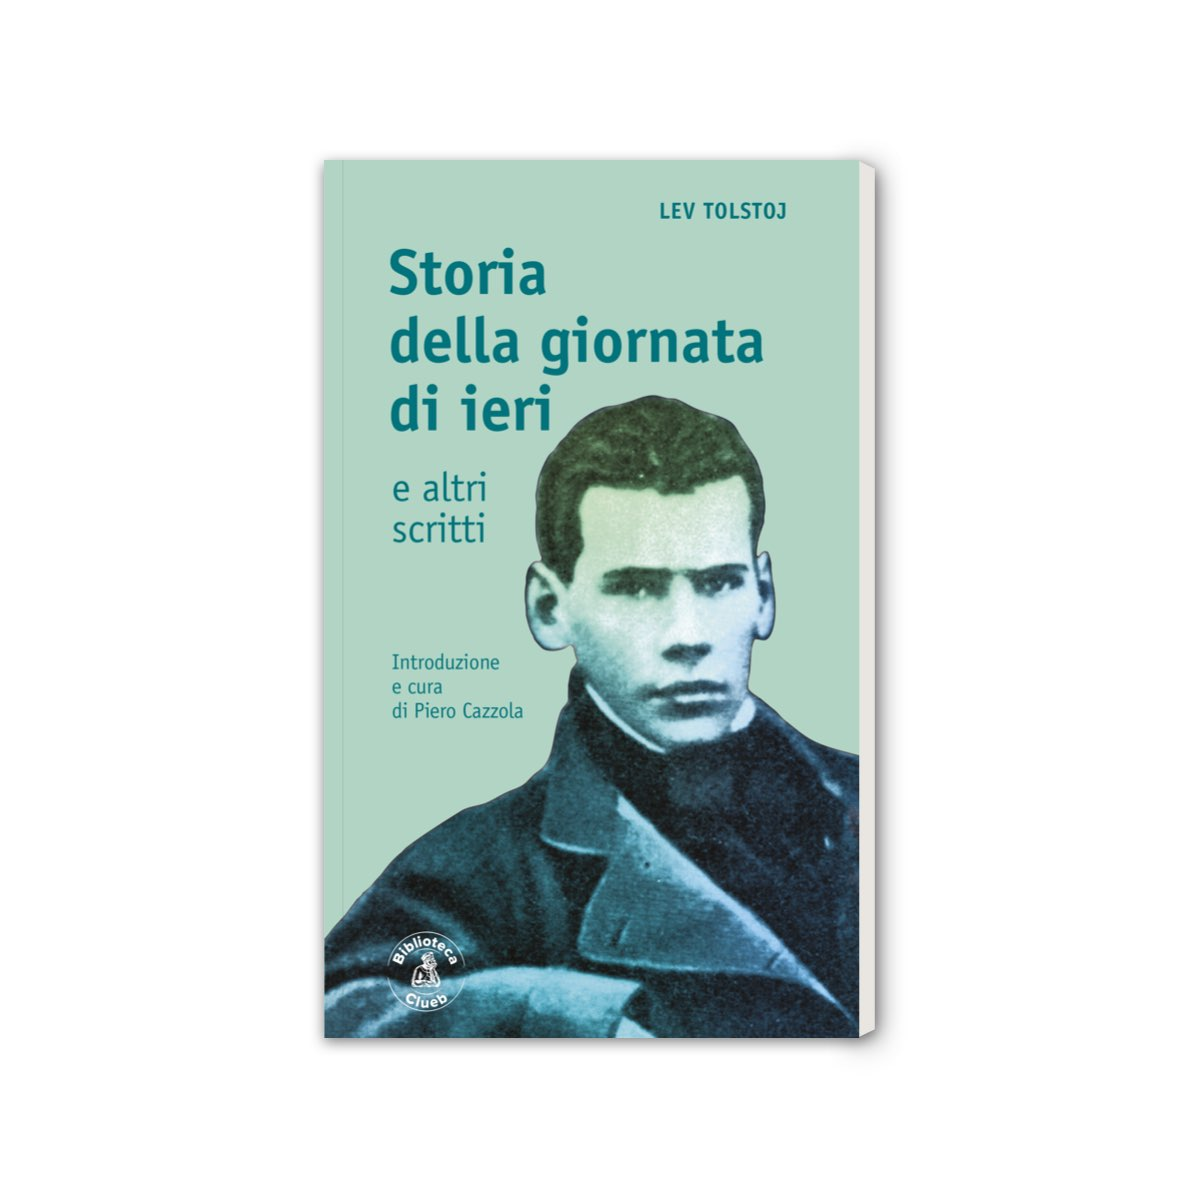 Lev Tolstoj - Storia della giornata di ieri